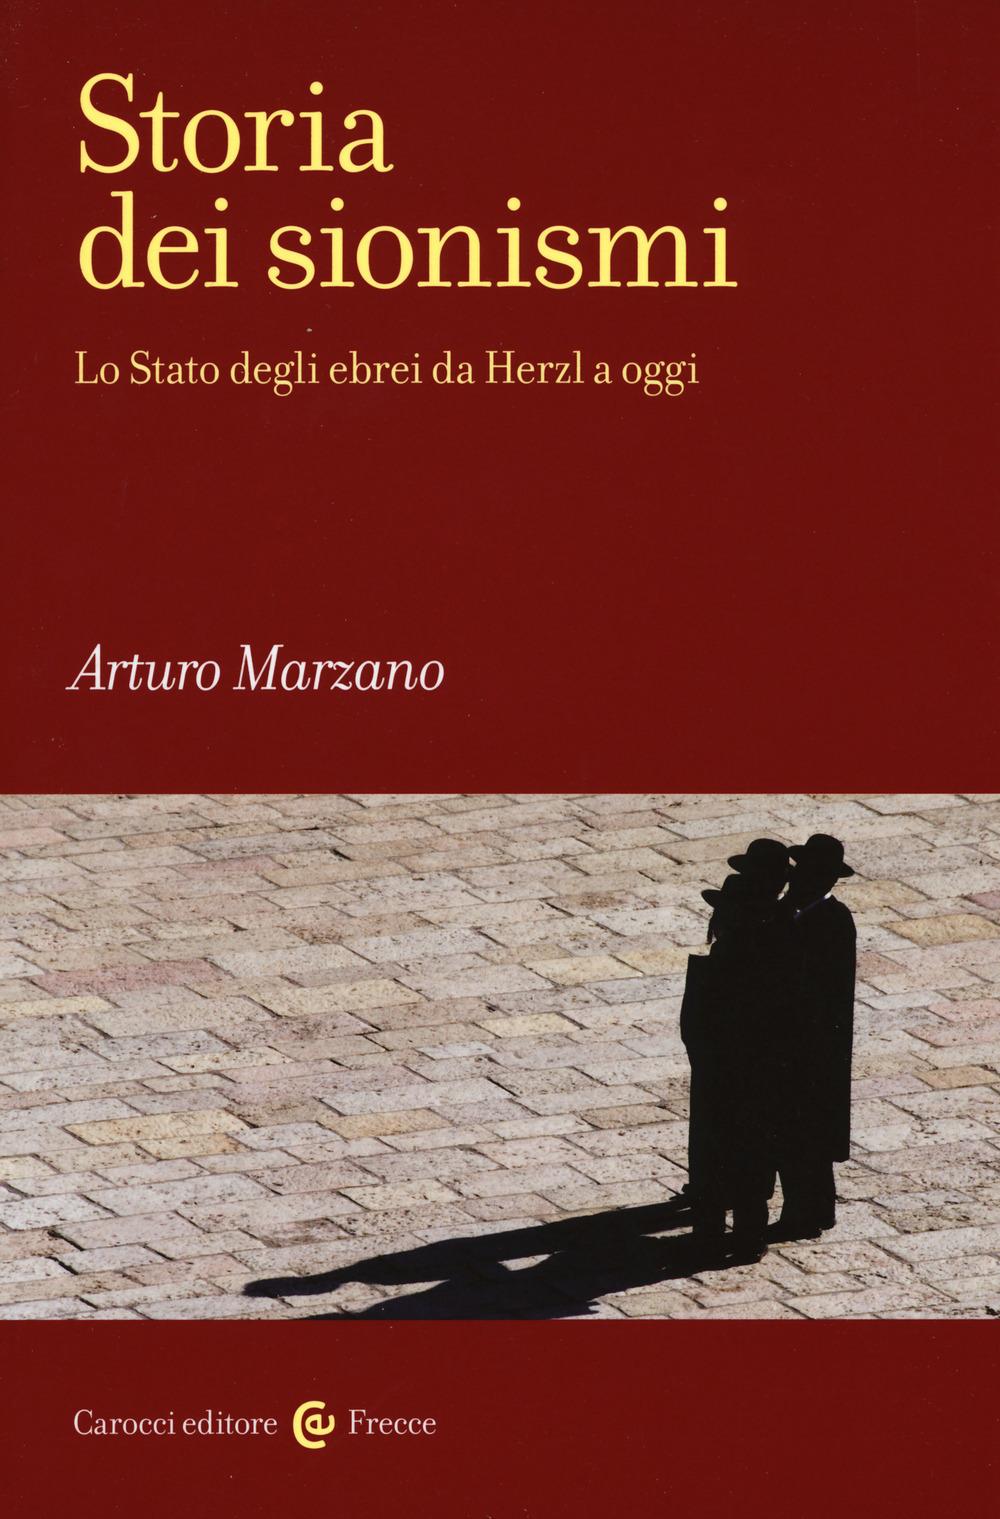 Arturo MARZANO, Storia dei sionismi. Lo Stato degli Ebrei da Herzl a oggi, Roma, Carocci, 2017, 256 pp.